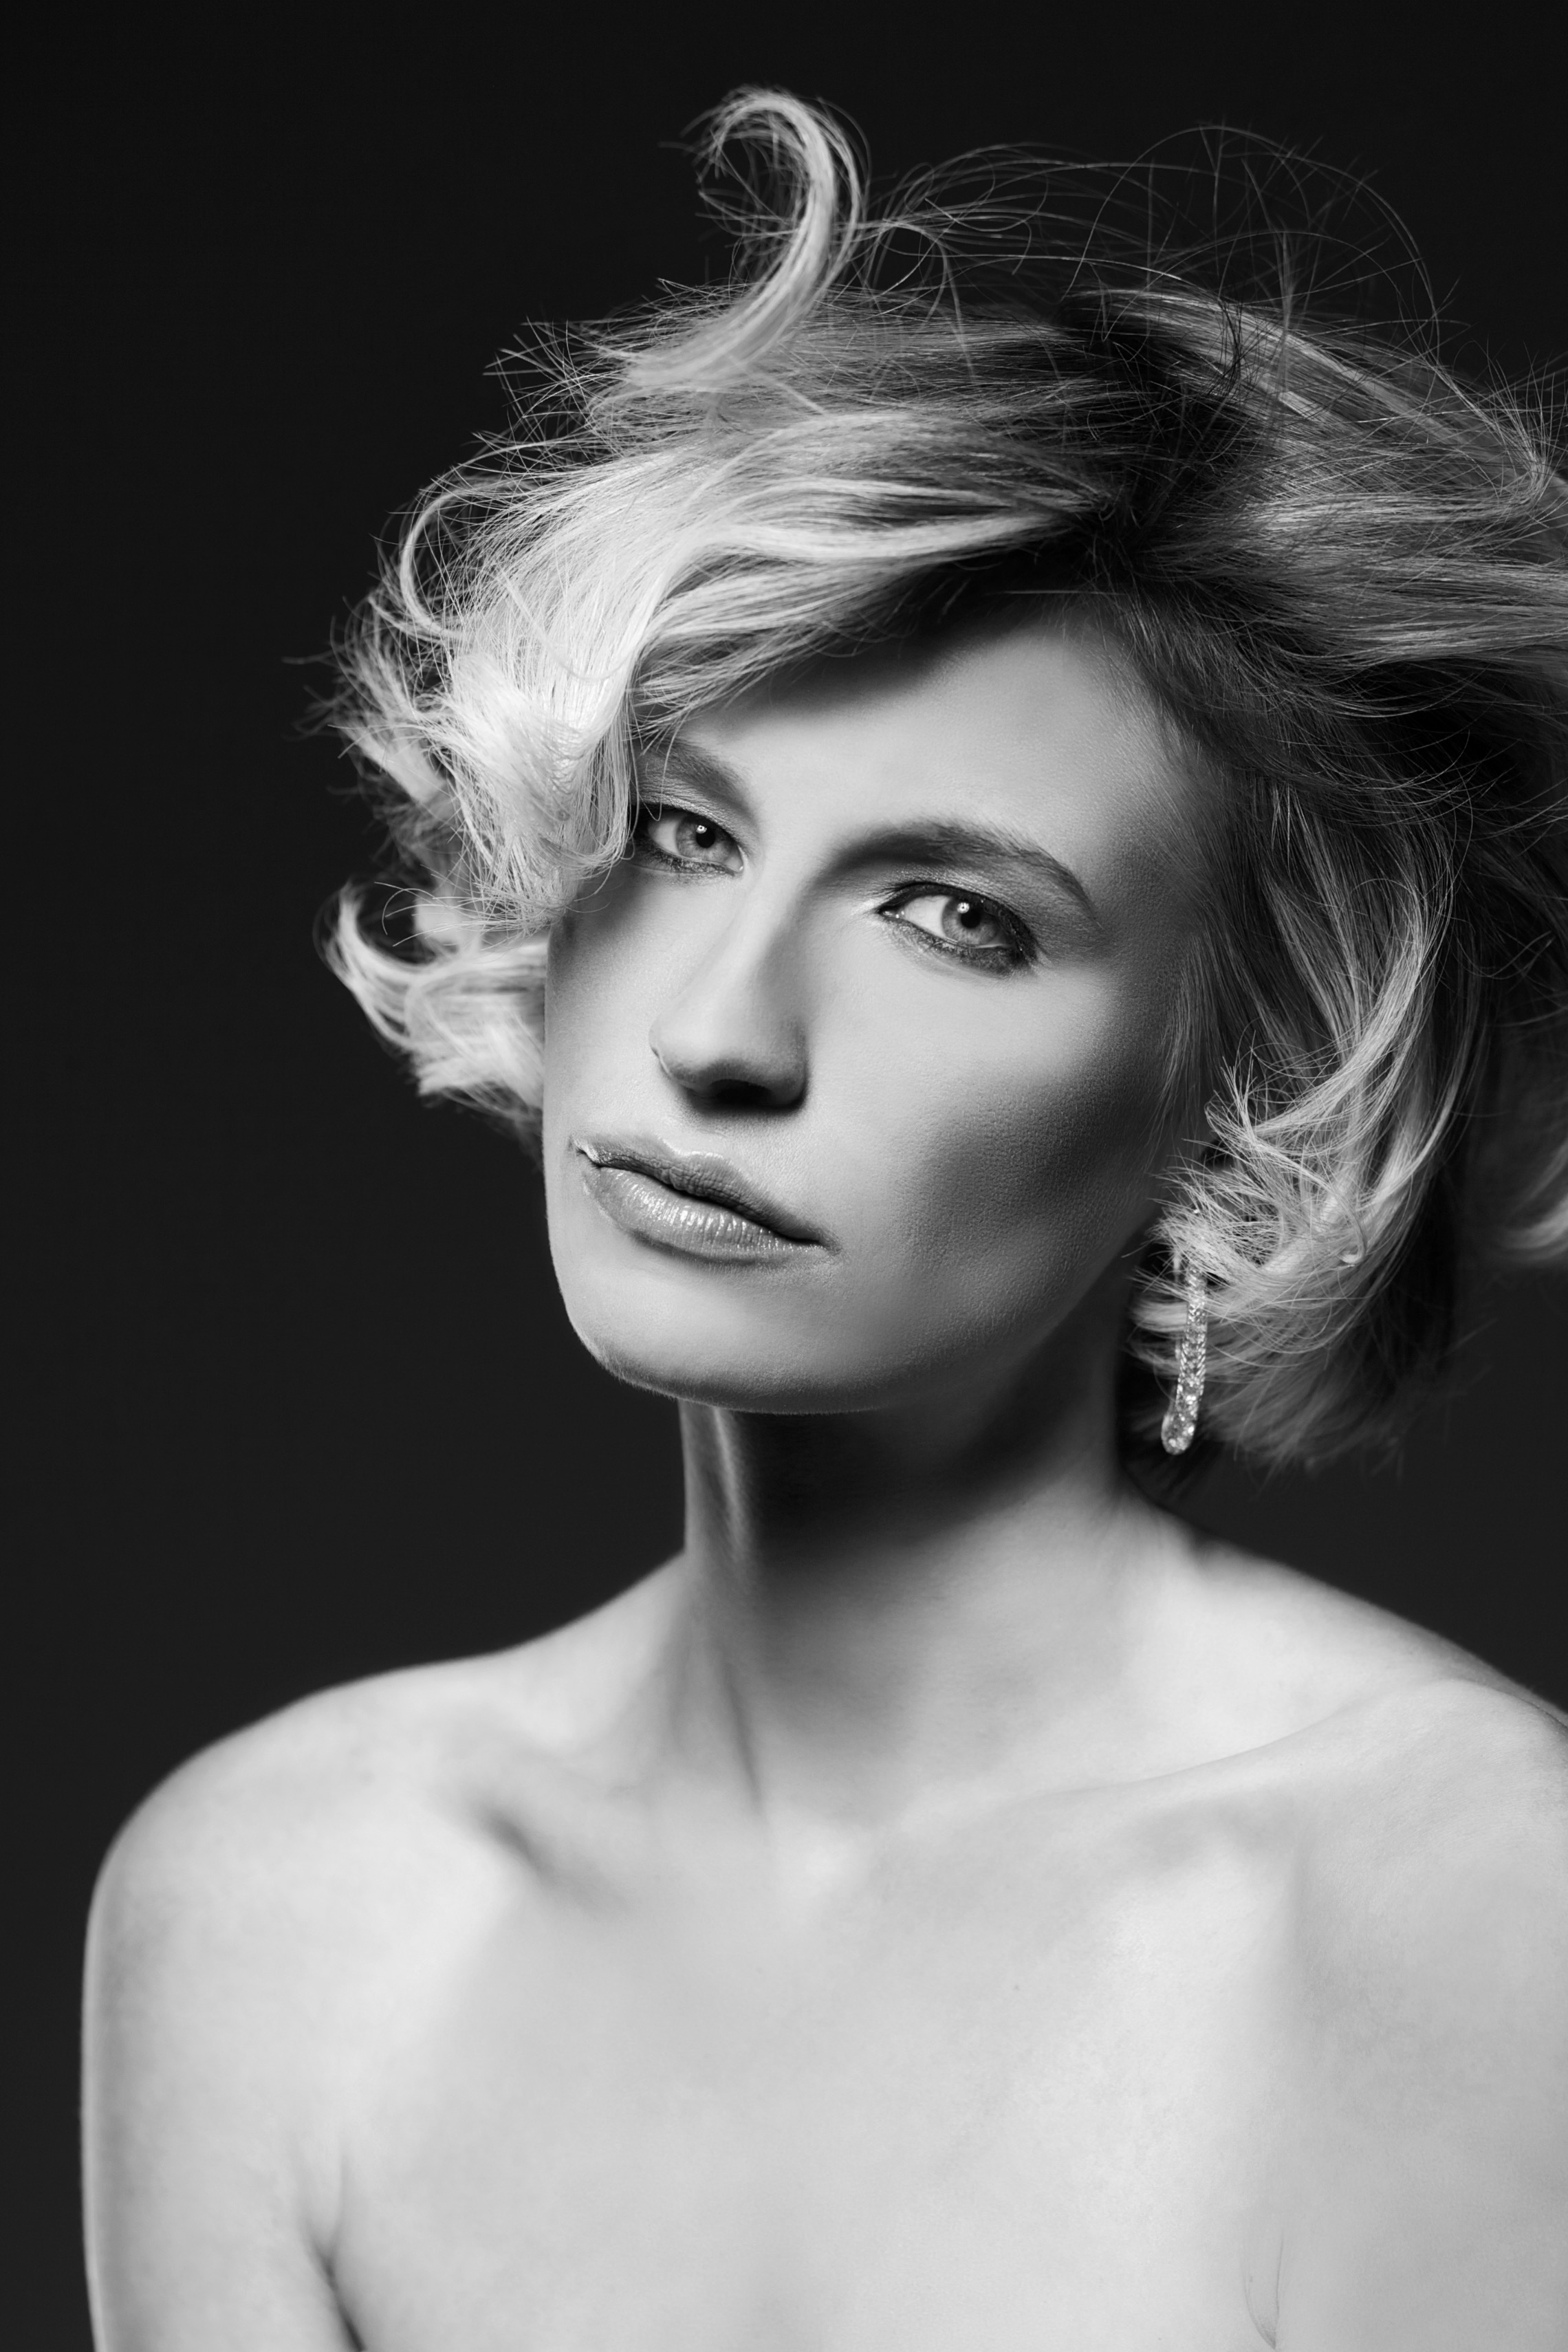 Modefotograf Fotoshooting Fashionshooting, Beautyshooting, Fashionfotots und Breautyfotos in Landshut und München Gutschein für Frauen